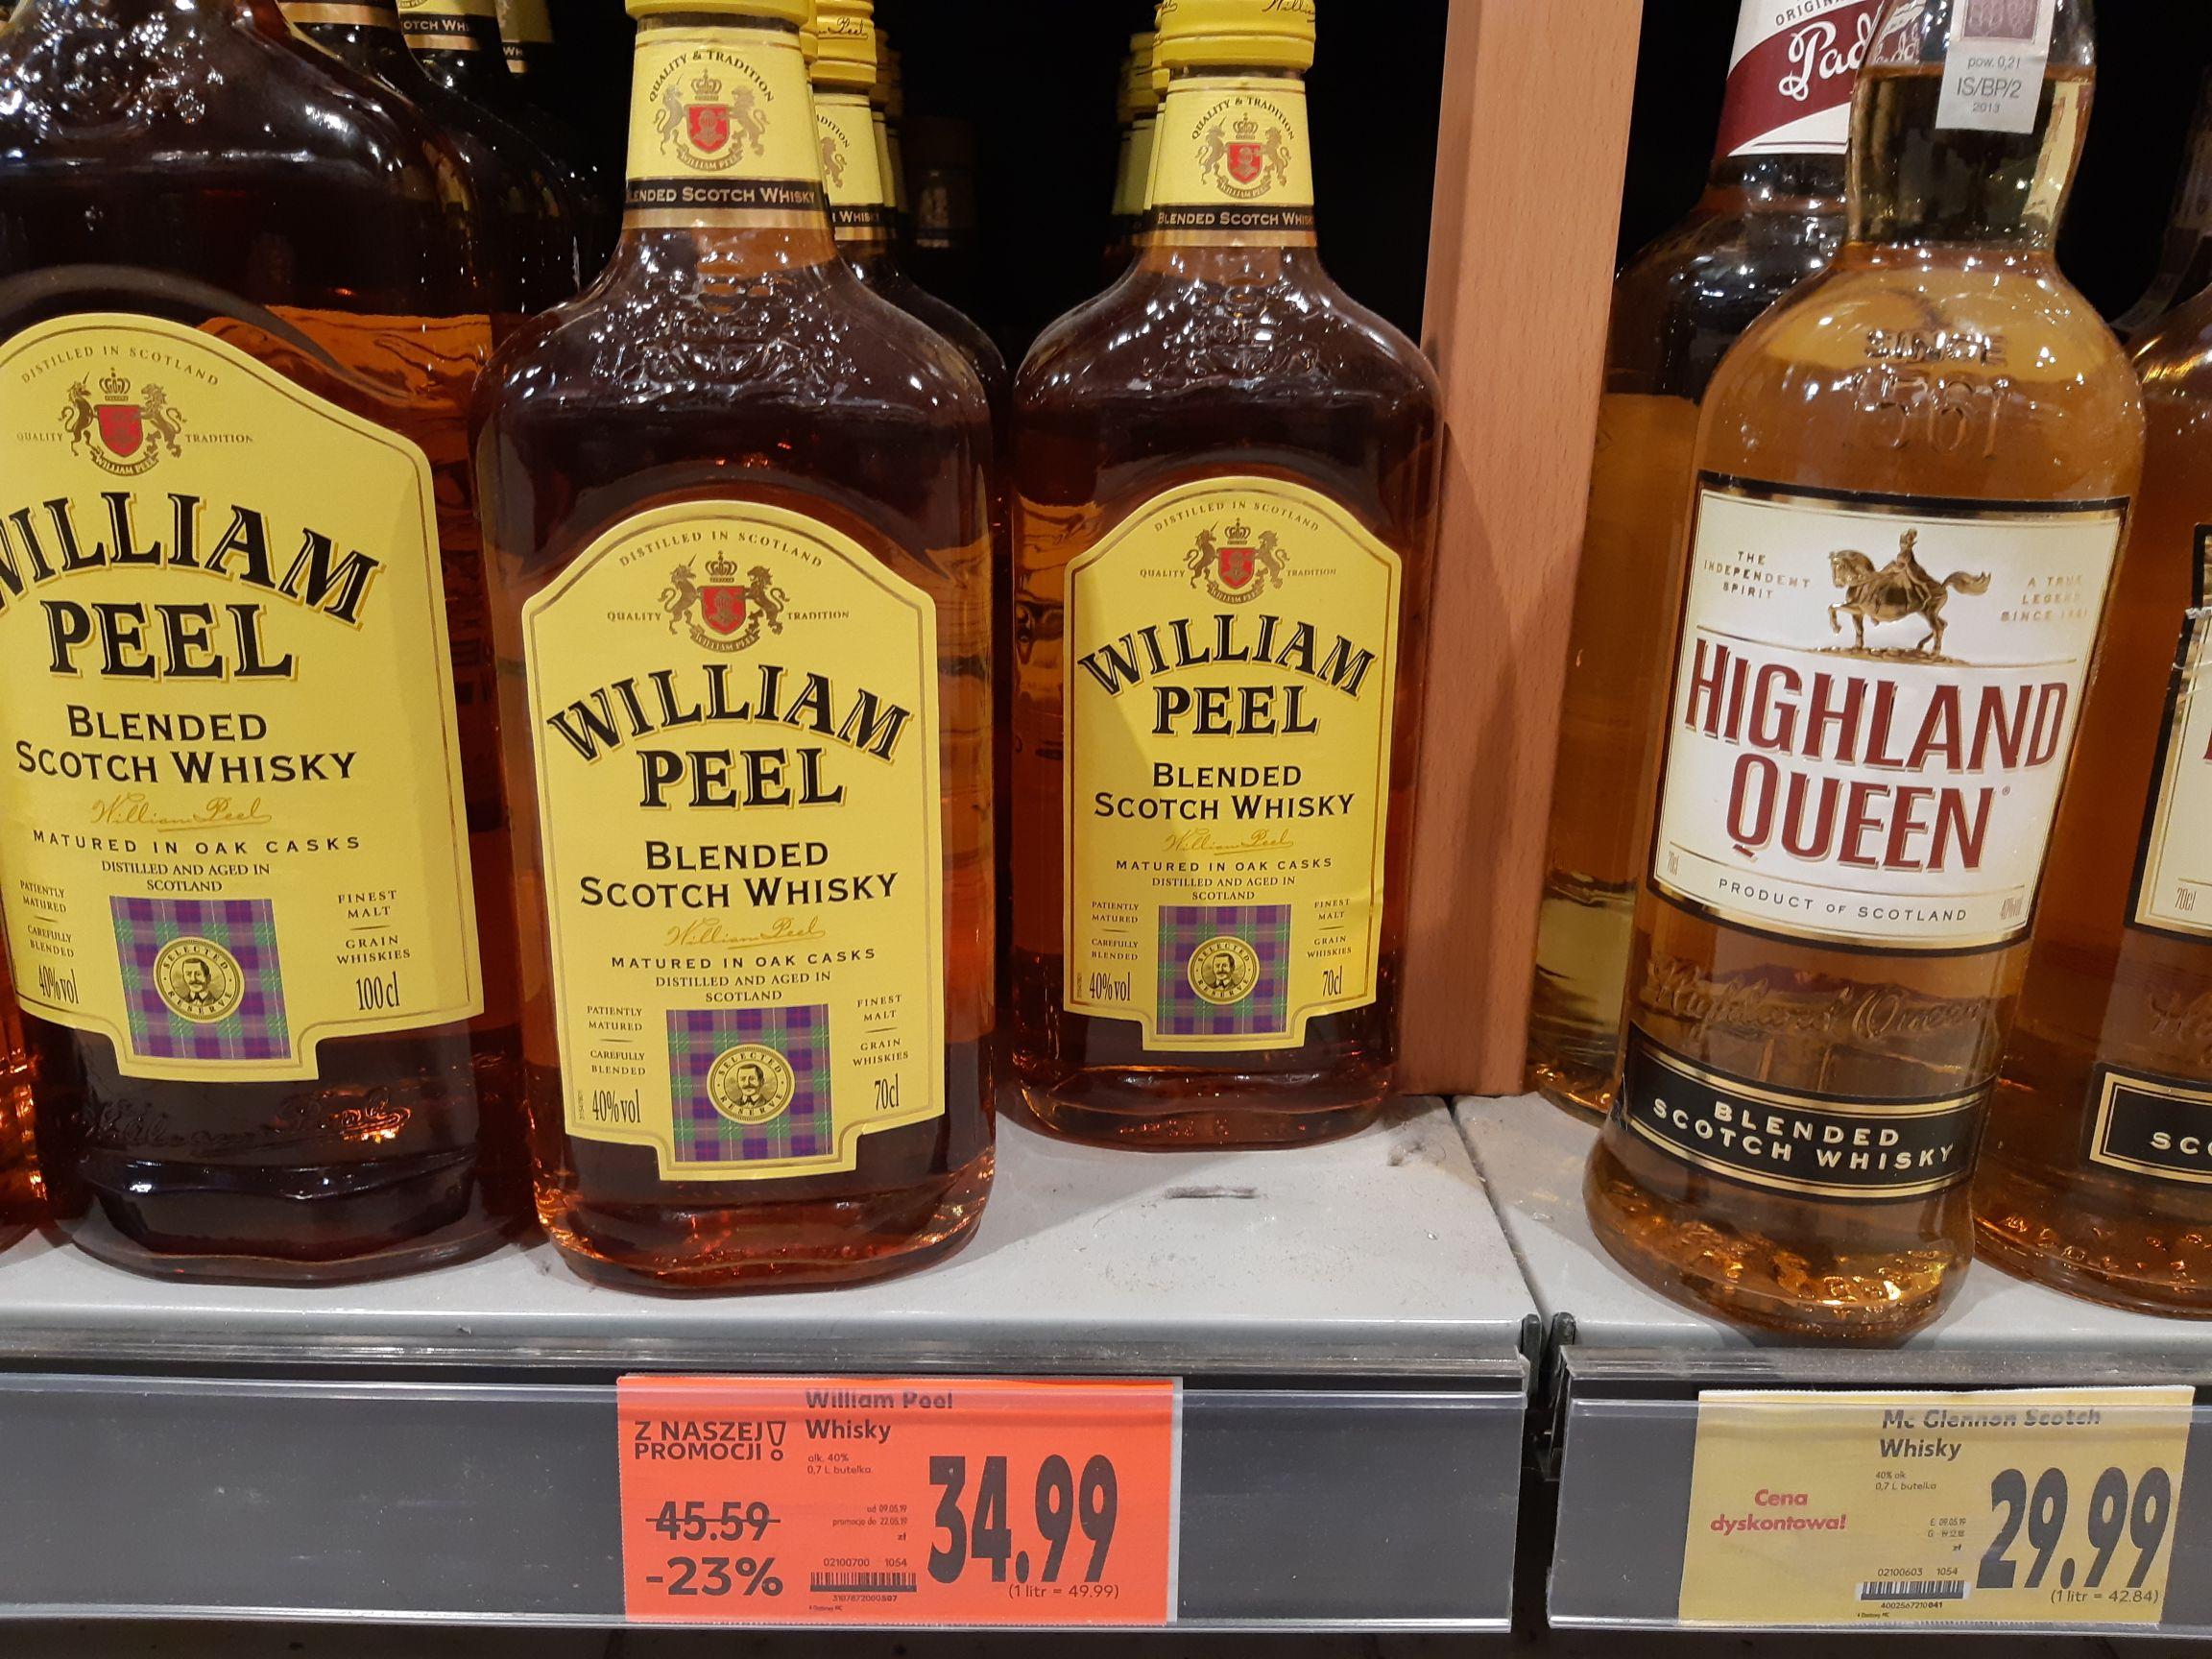 William Peel 0,7 34,99 zł Kaufland